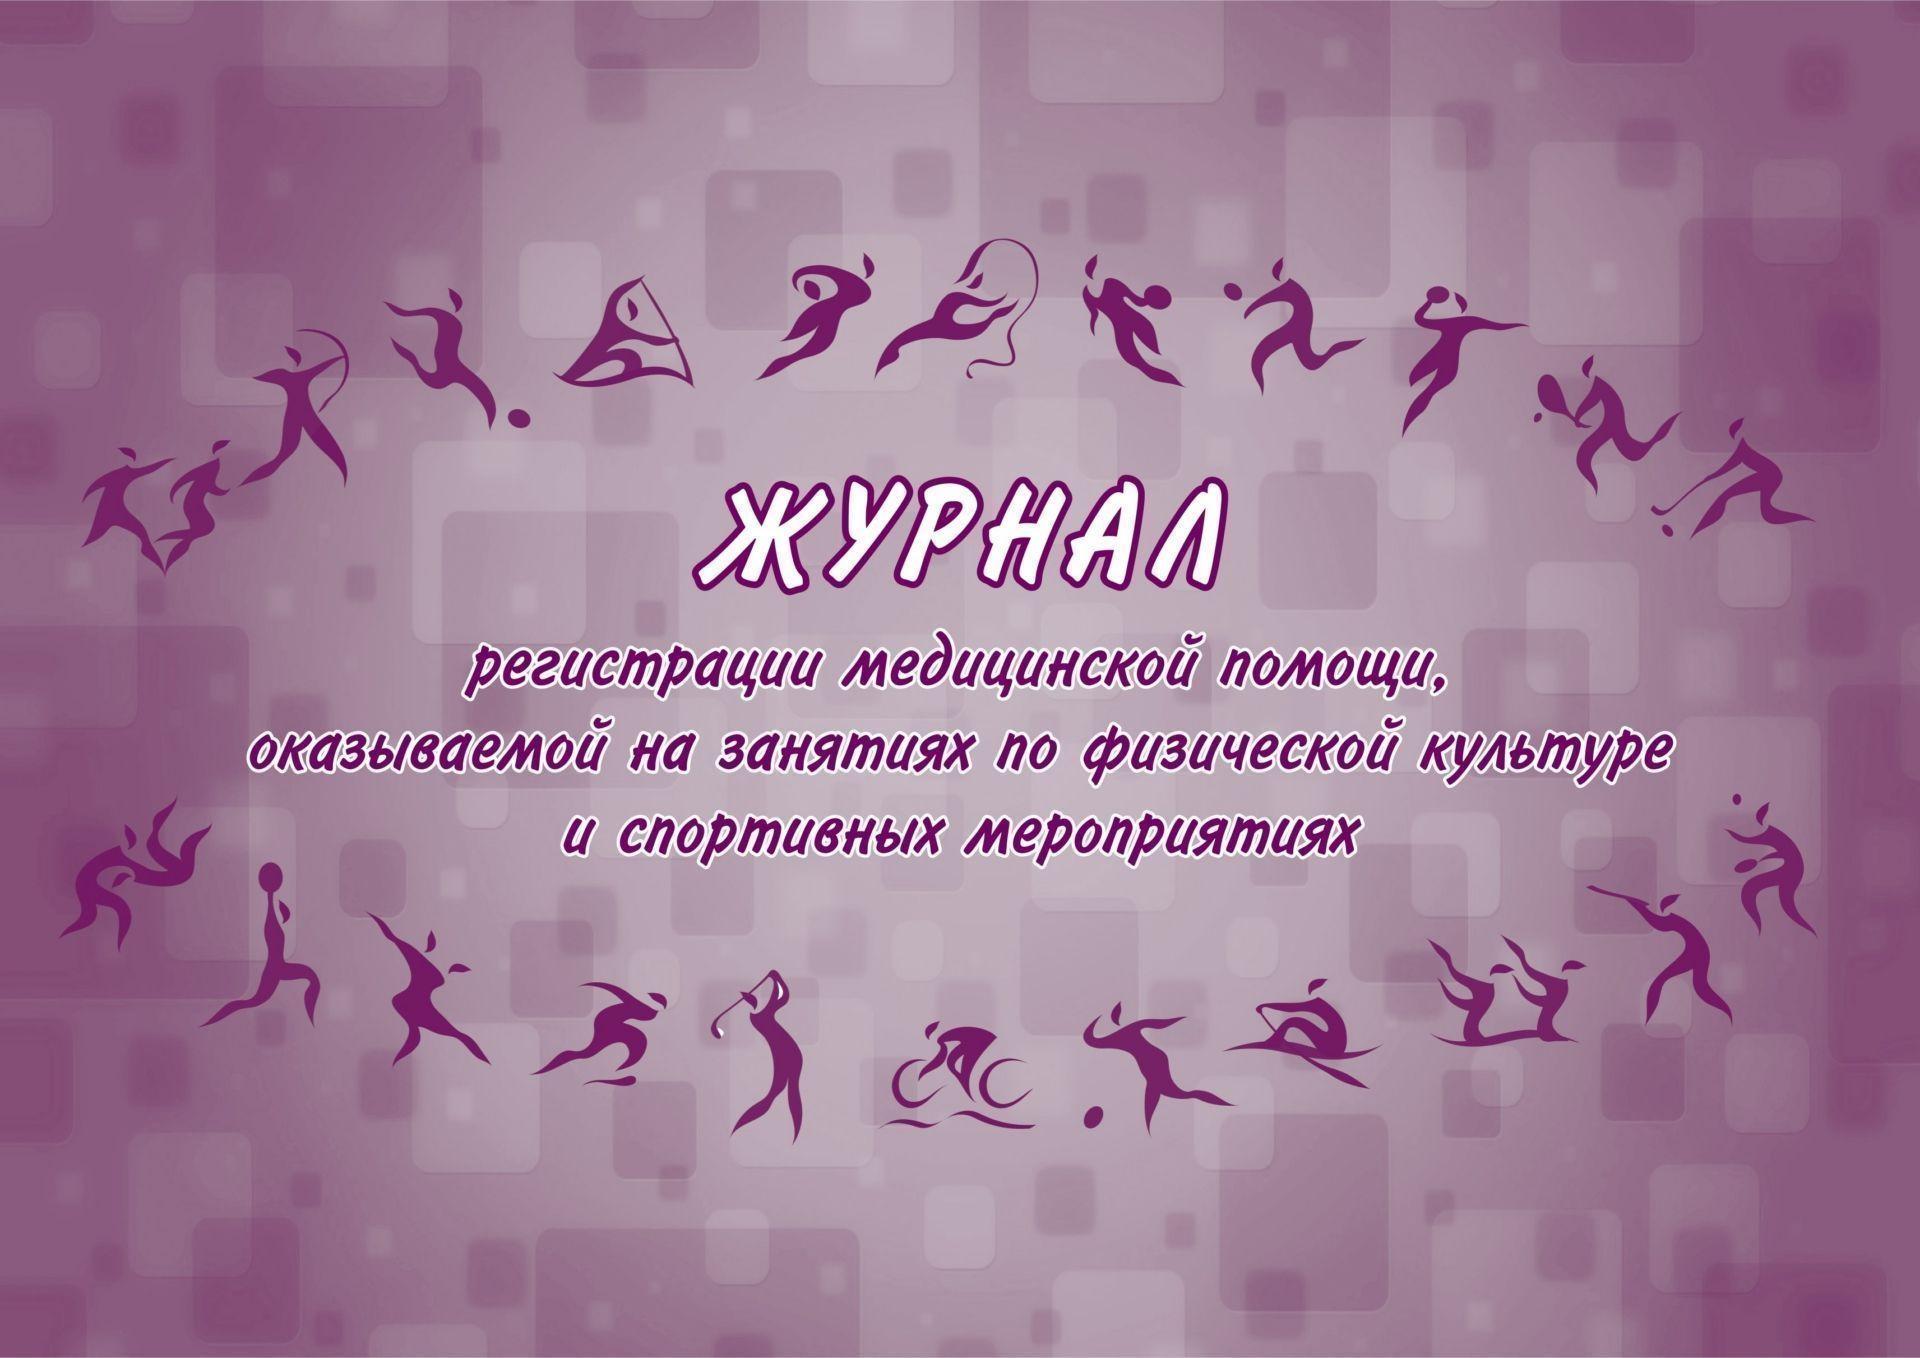 Журнал регистрации медицинской помощи, оказываемой на занятиях по физической культуре и спортивных мероприятиях (форма №067/у)